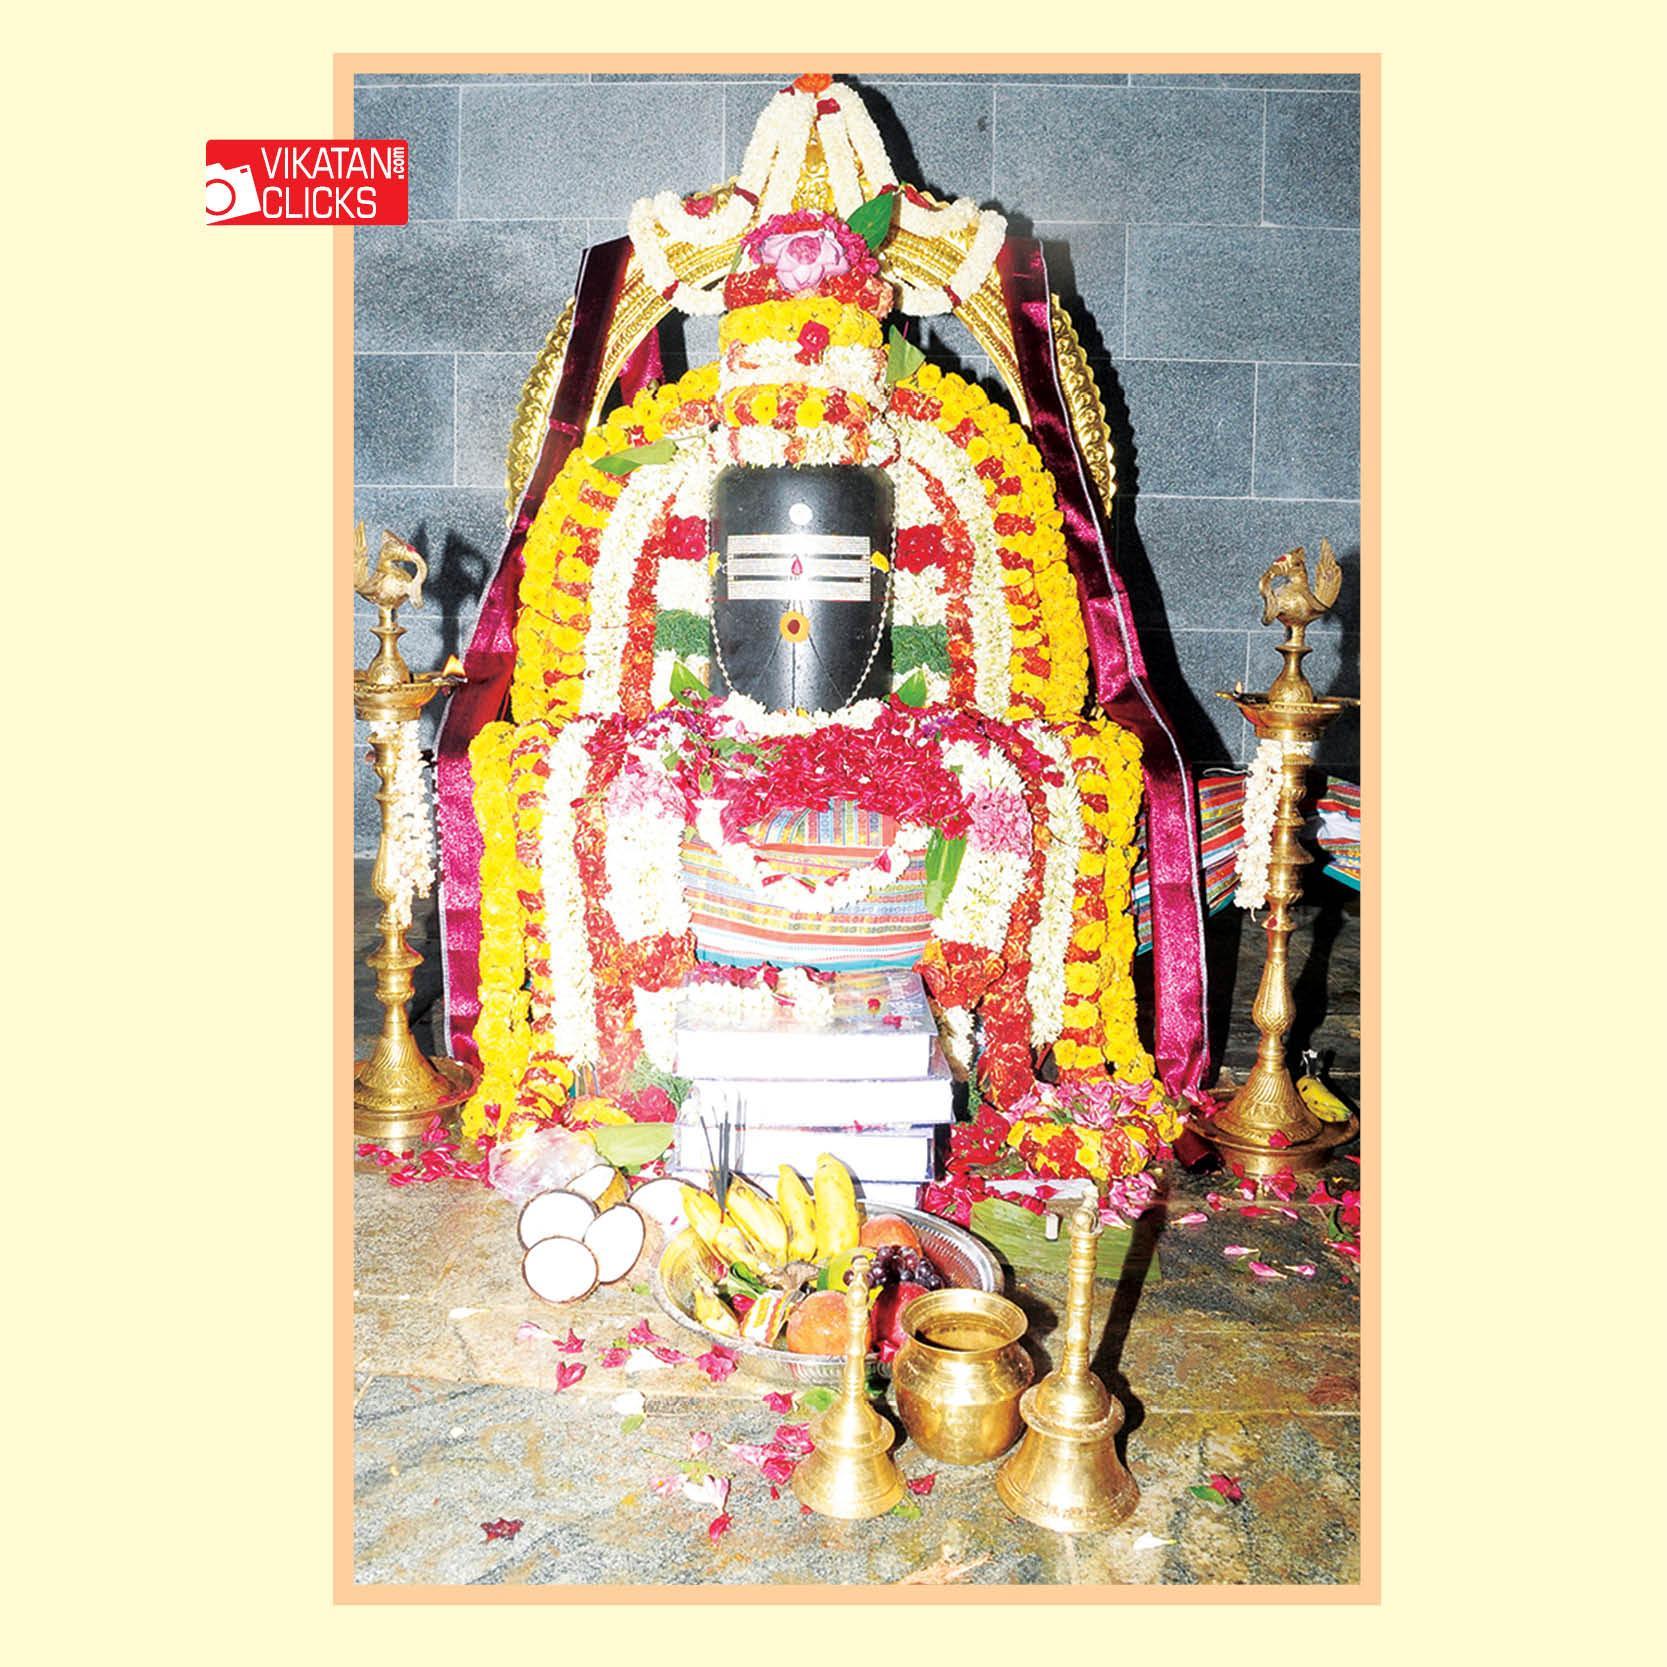 பாக்கம் ஸ்ரீஆனந்தீஸ்வரர்